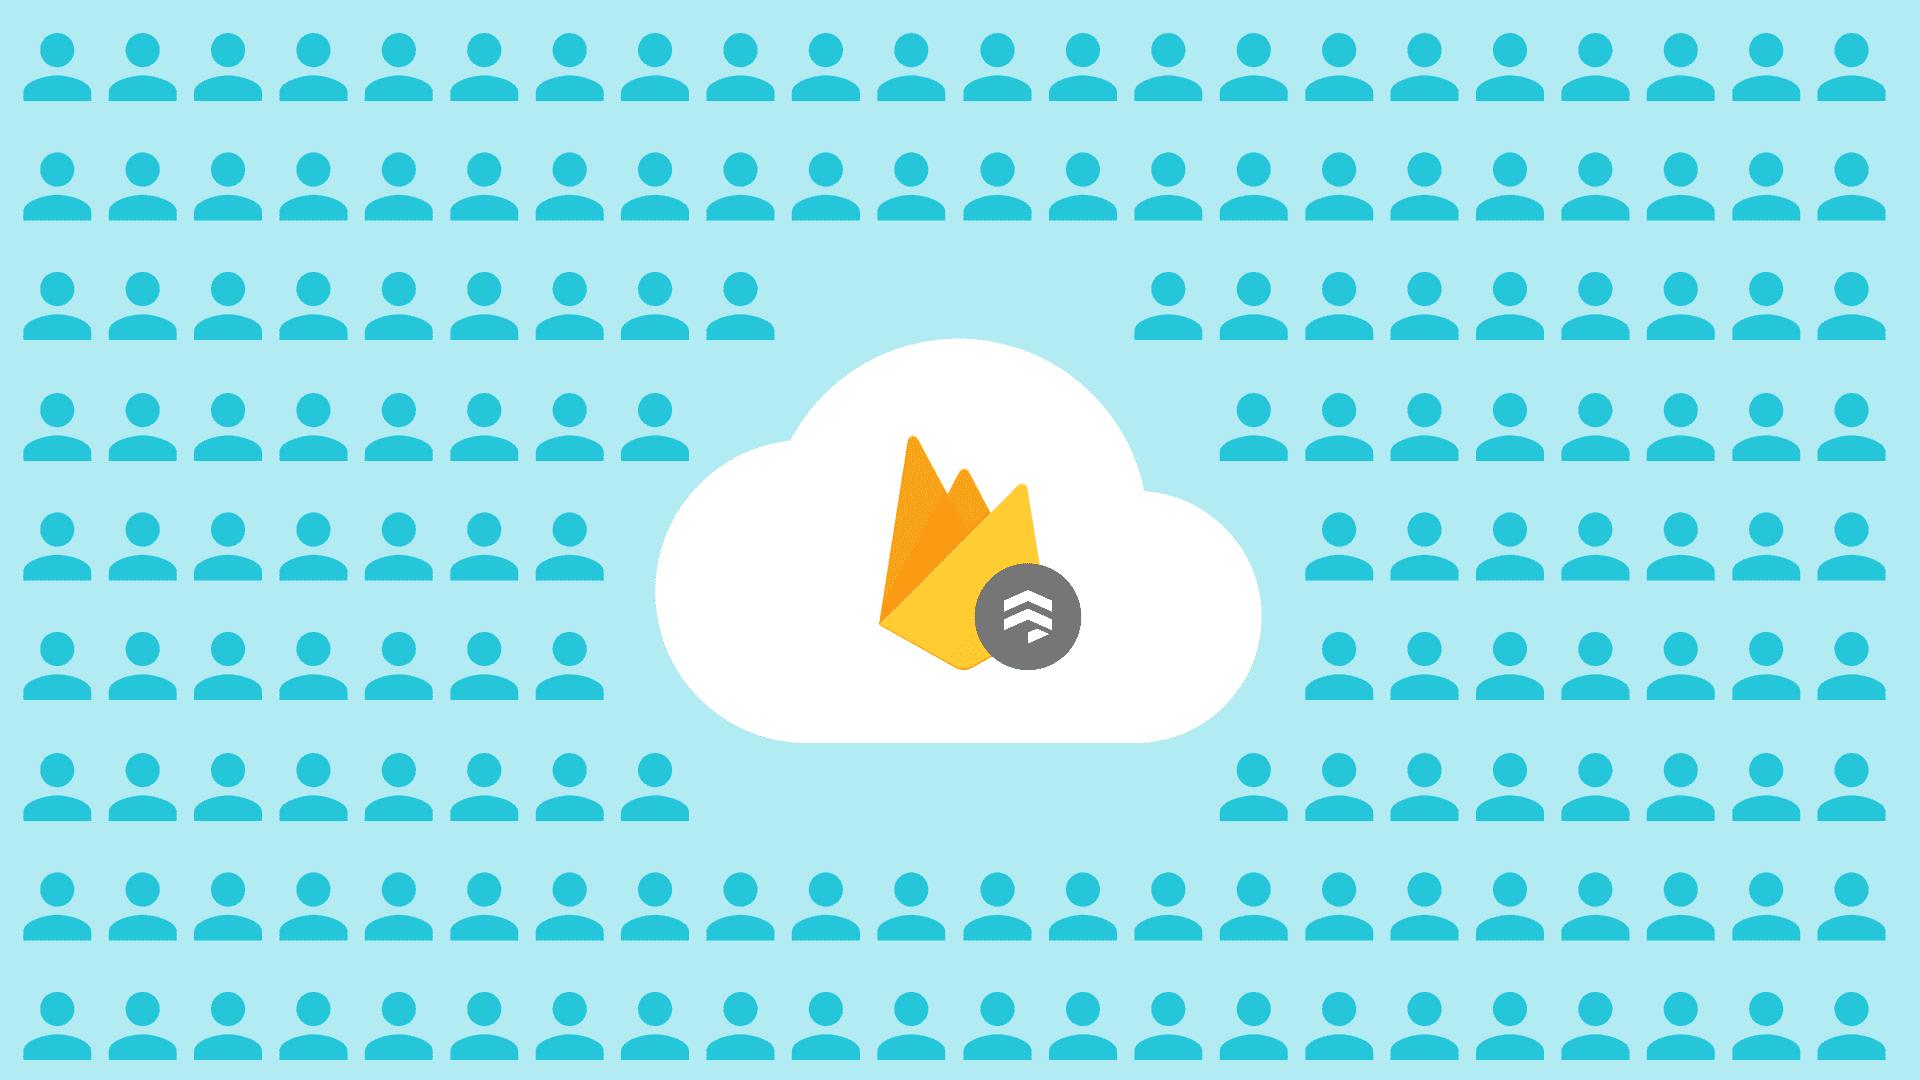 ภาพประกอบของโลโก้ firebase firestore และสมาชิกผู้ชม